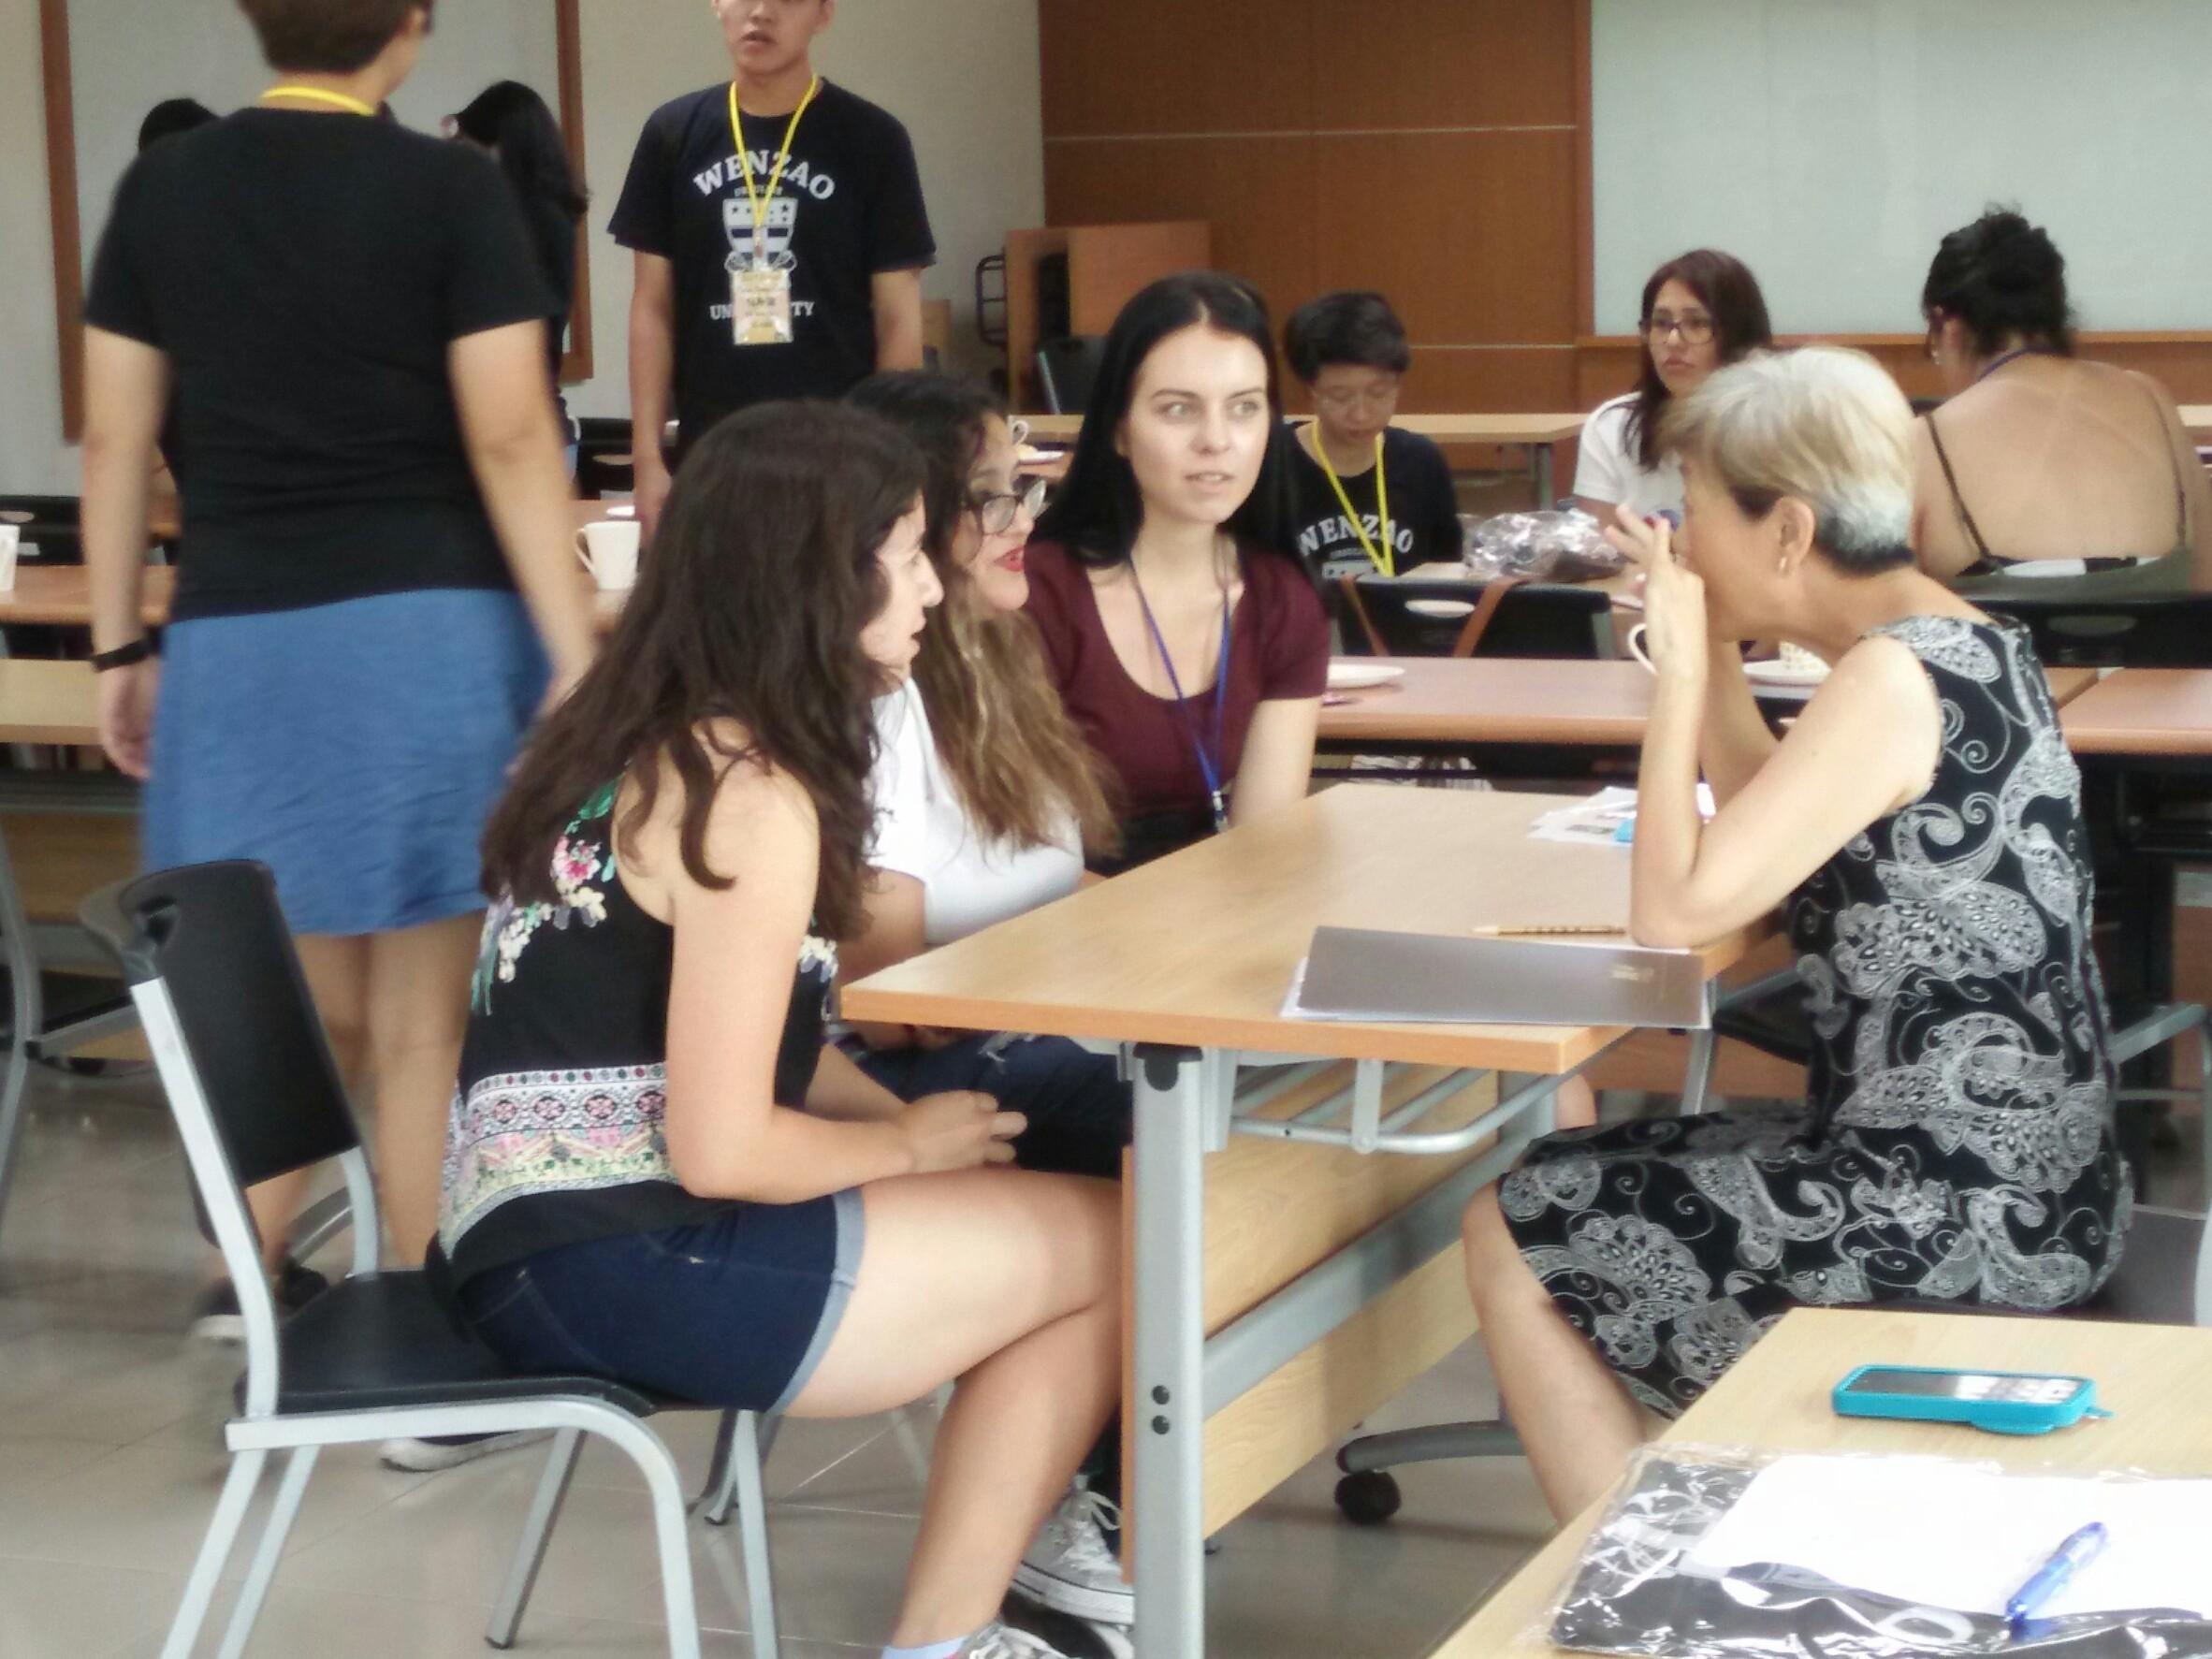 2018-07-16  華語口試 Oral exam